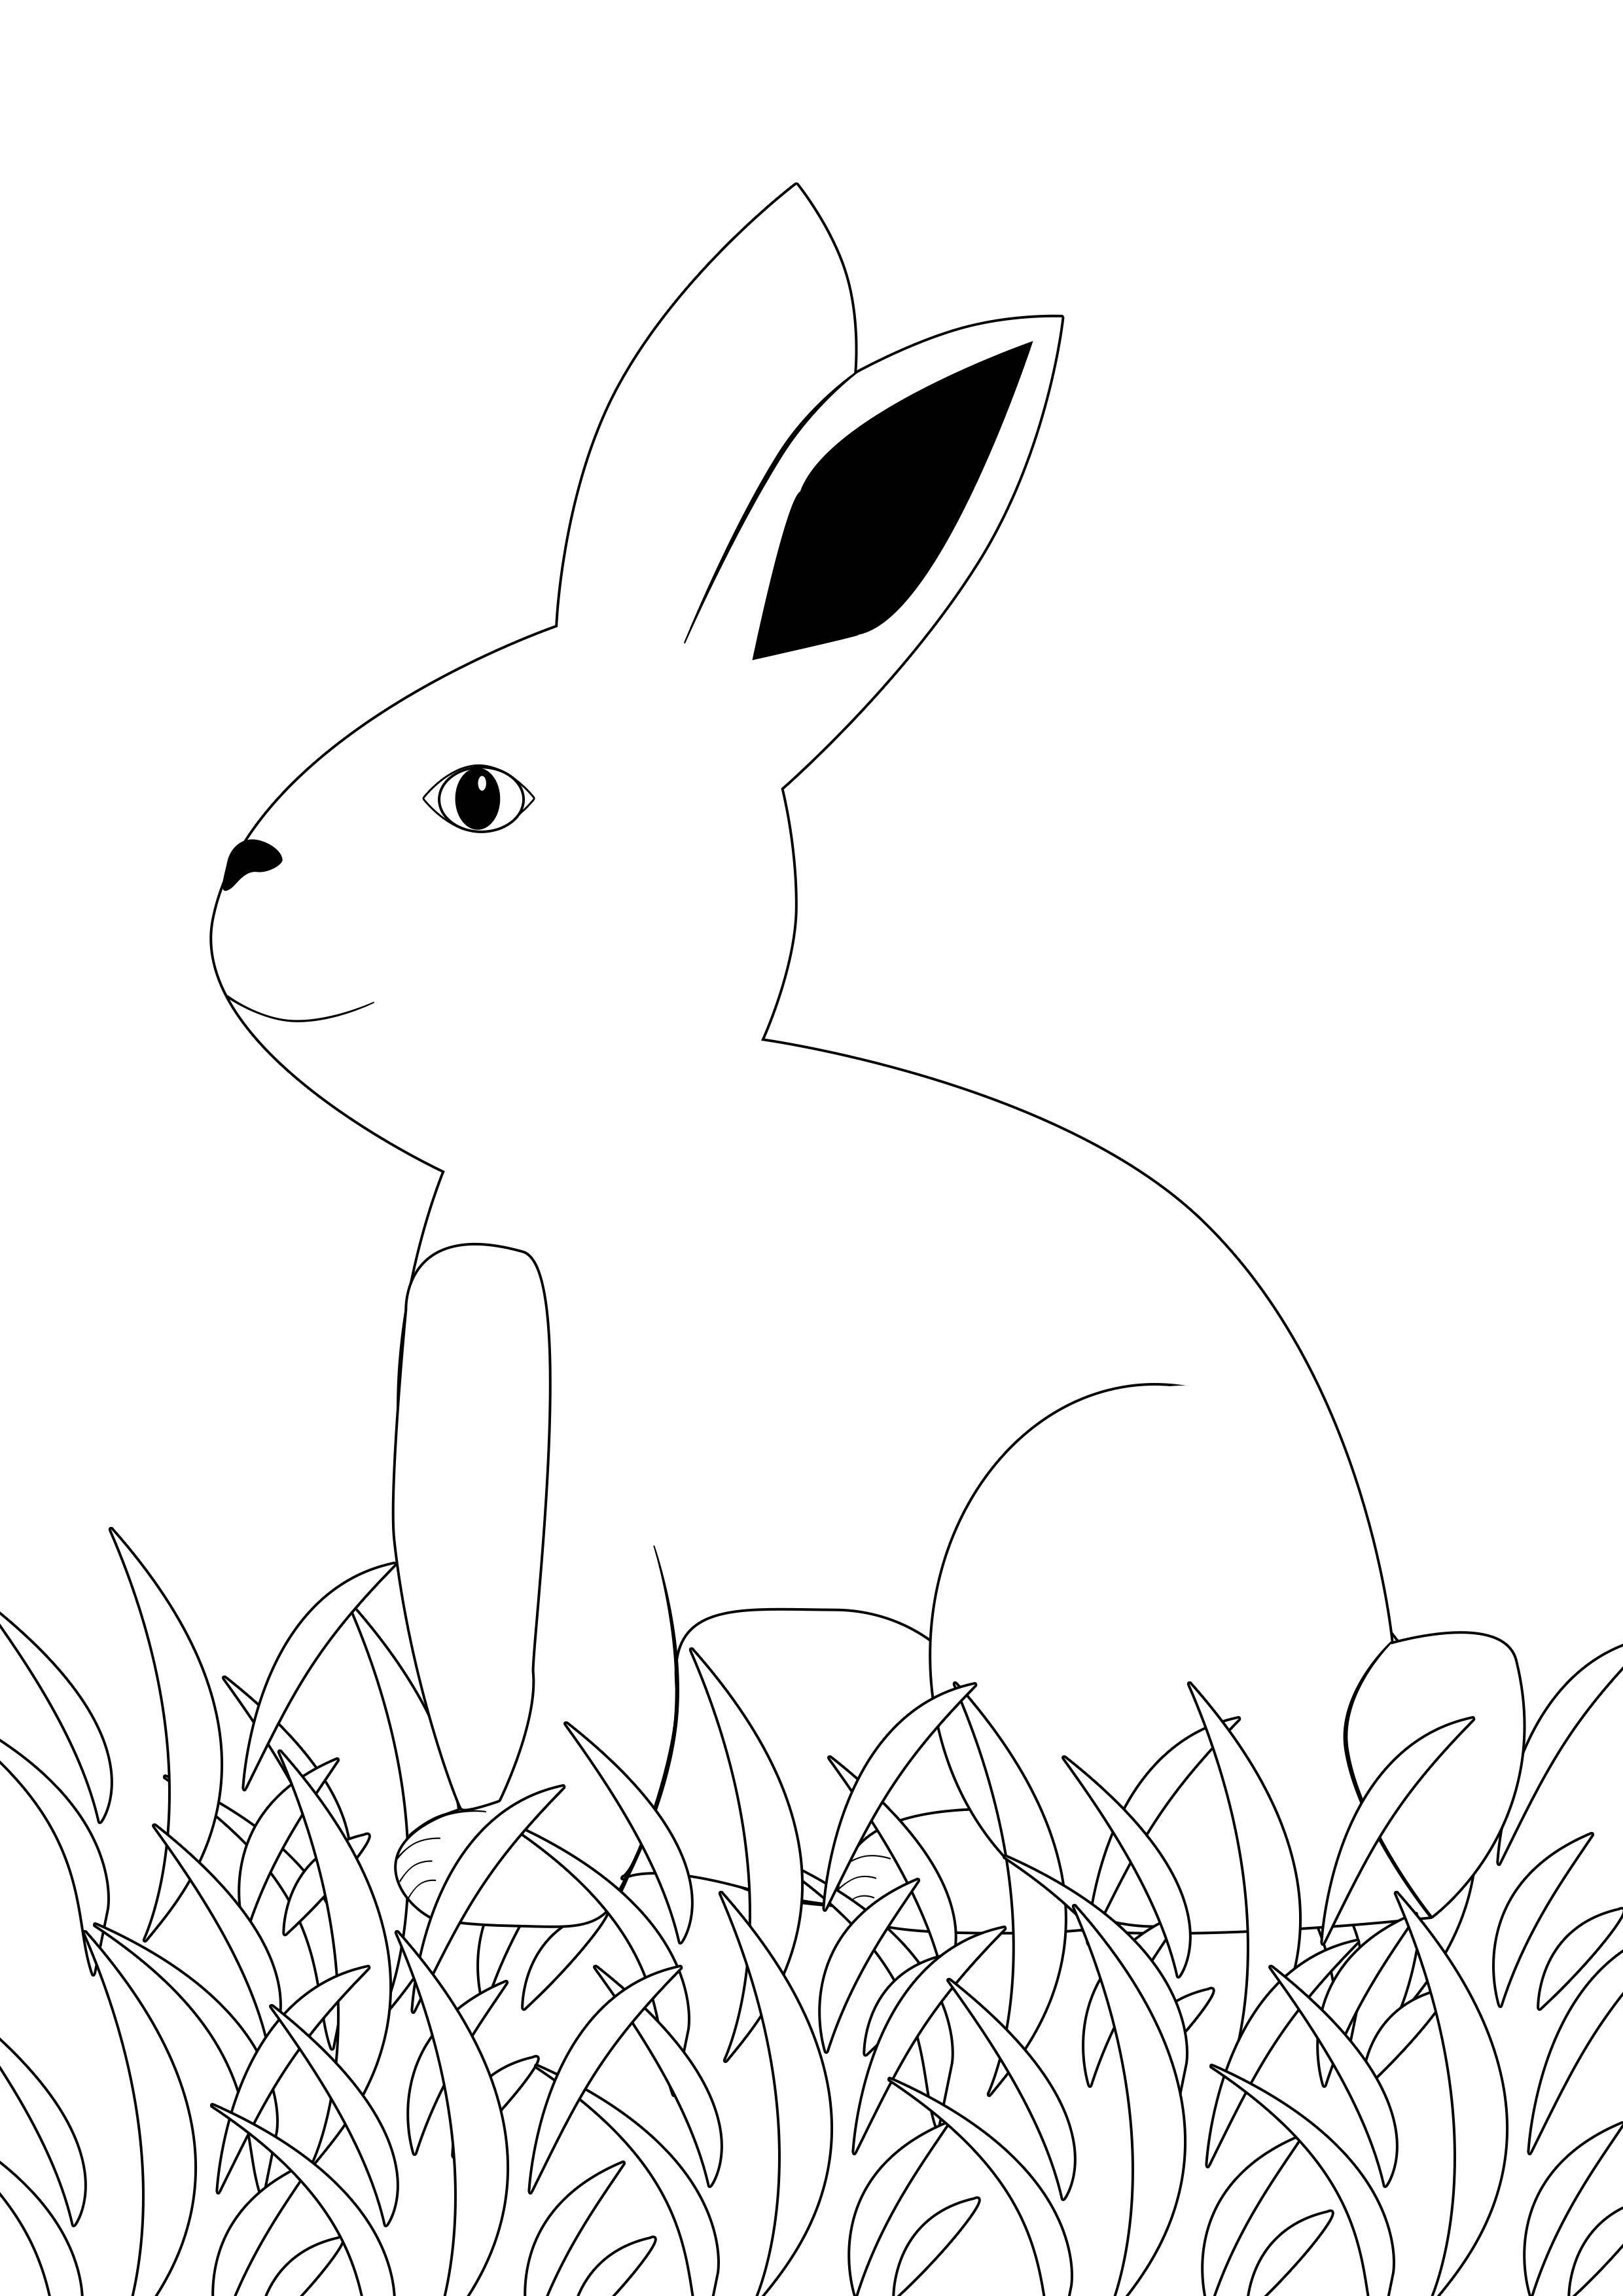 Einzigartig Hase Zum Ausdrucken Farbung Malvorlagen Malvorlagenfurkinder Ausmalbild Hase Malvorlage Hase Osterhase Zeichnen